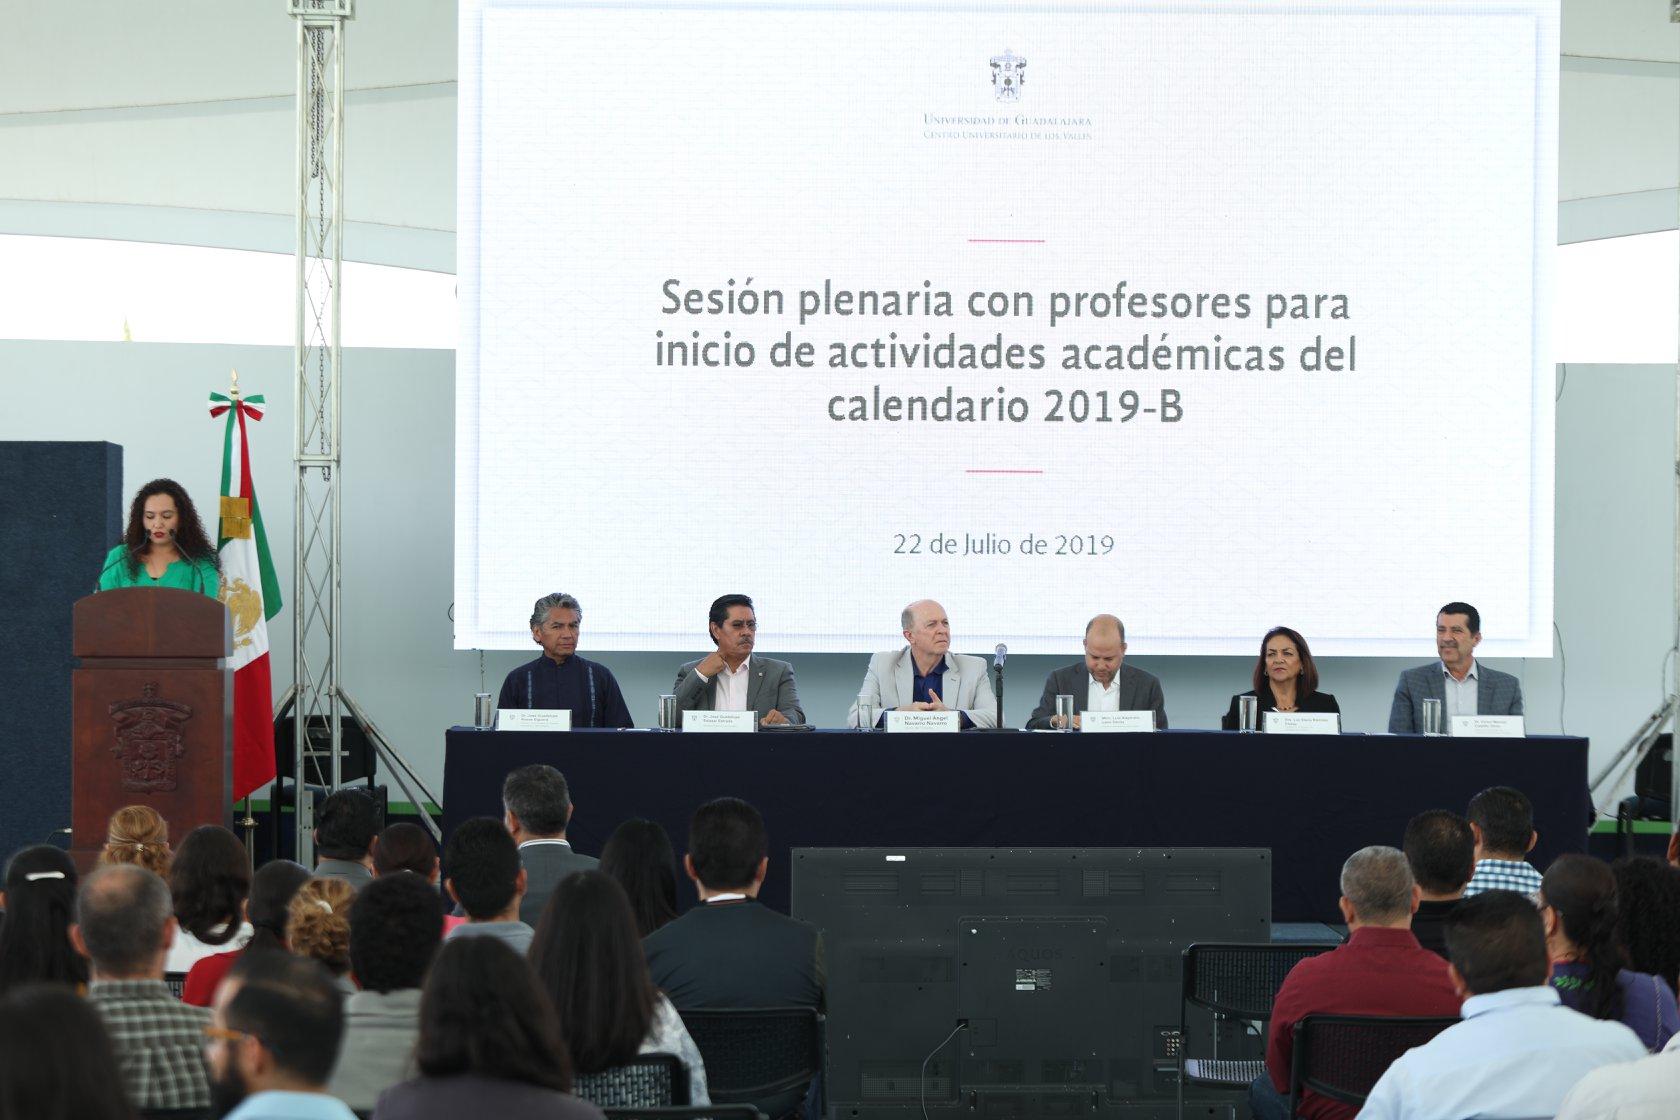 Sesión plenaria de inicio de actividades académicas para el ciclo 2019B